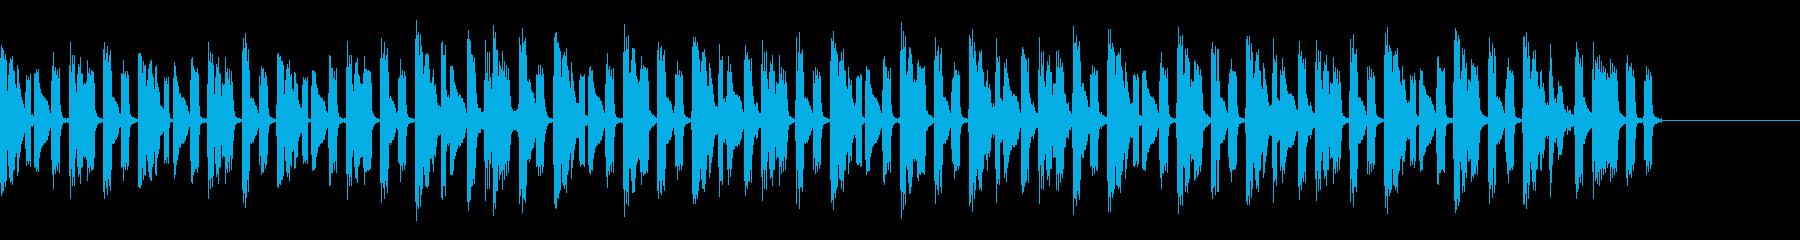 声の印象的なラジオジングルの再生済みの波形